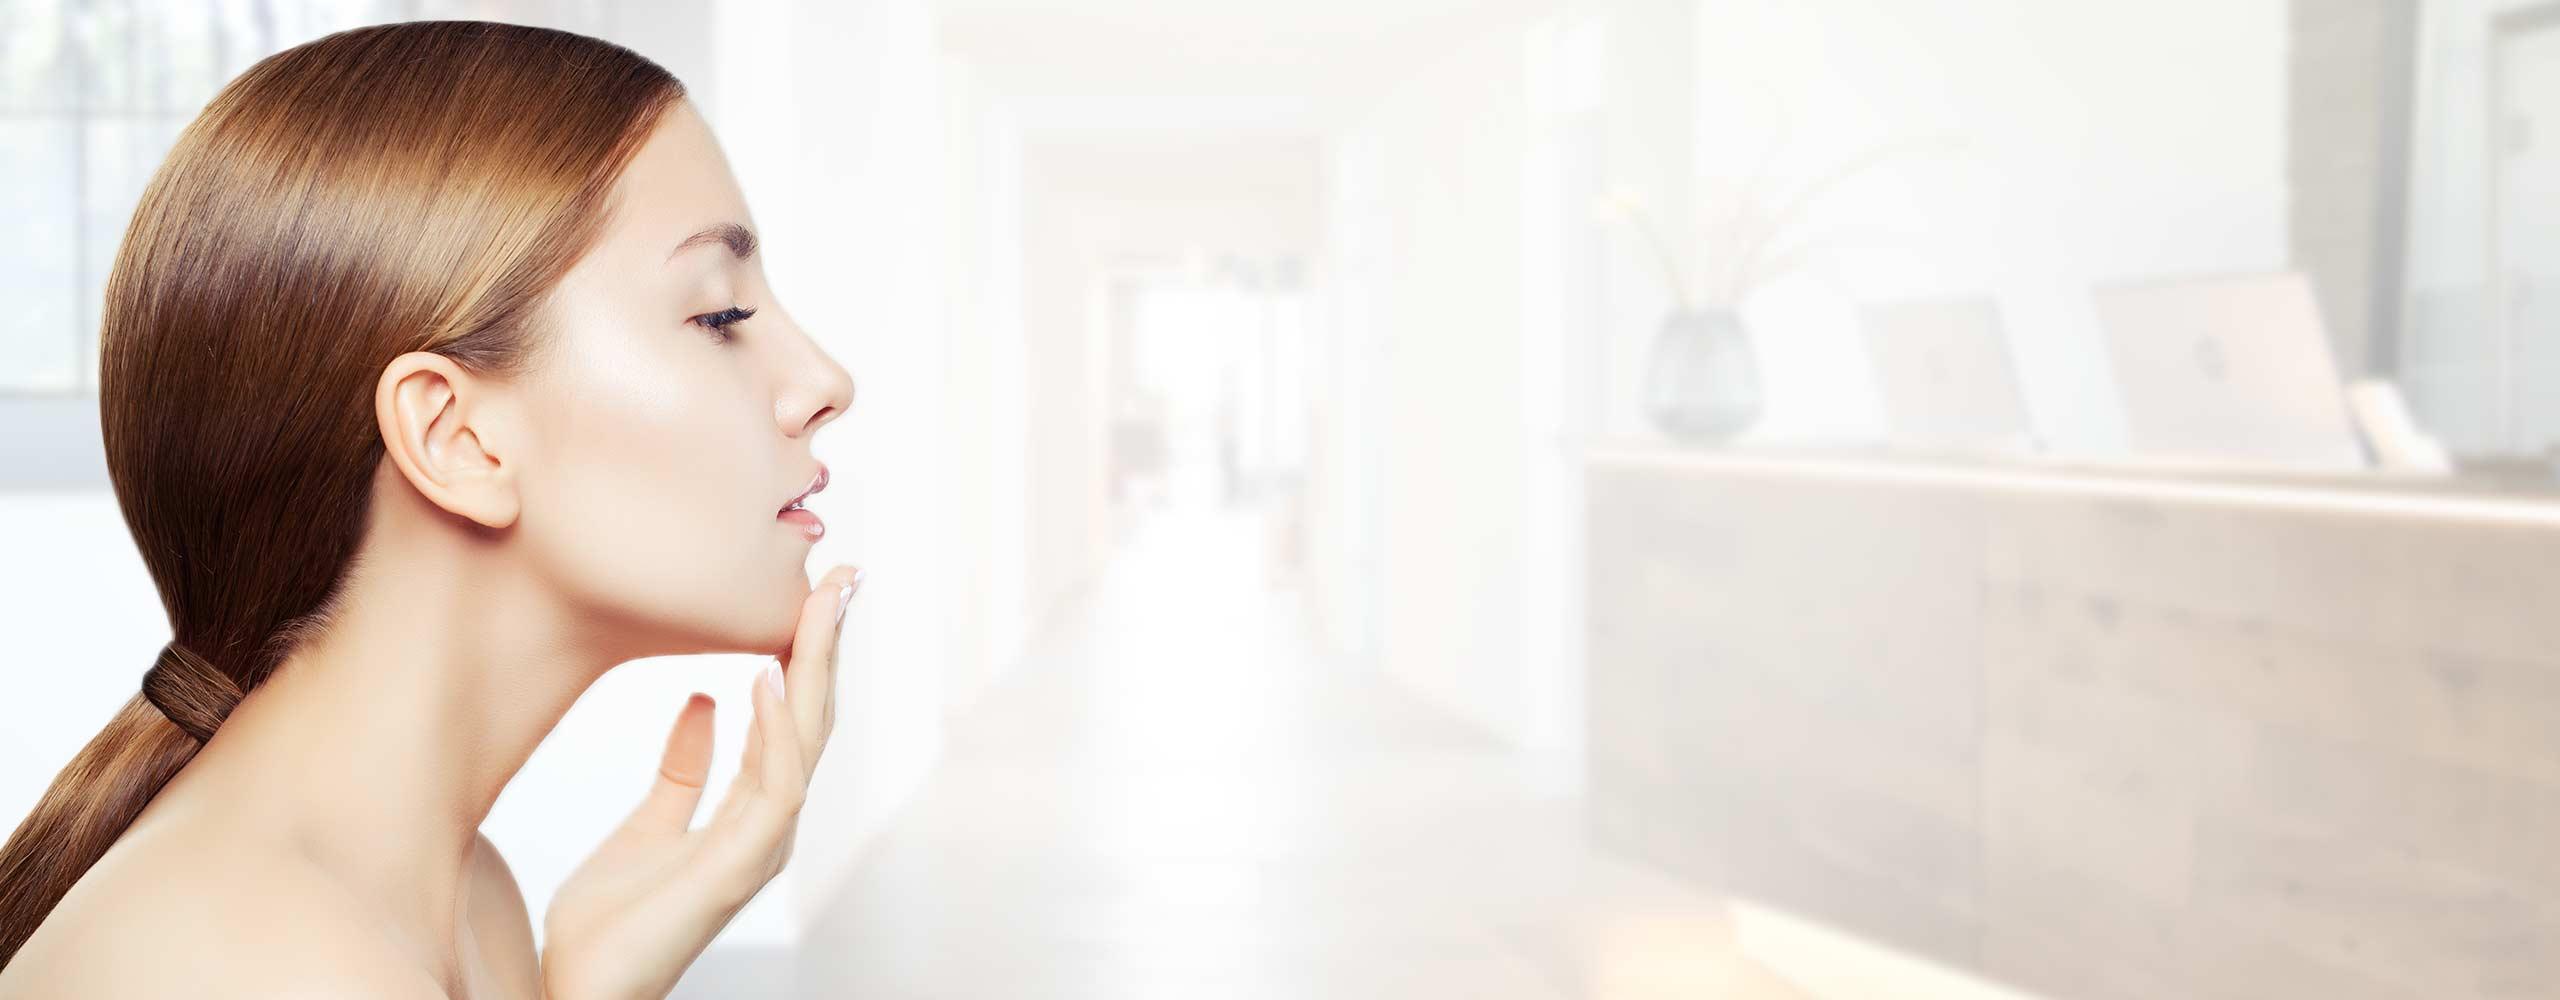 proaesthetic heidelberg schoenheitsklinik unterspritzungen naseanheben